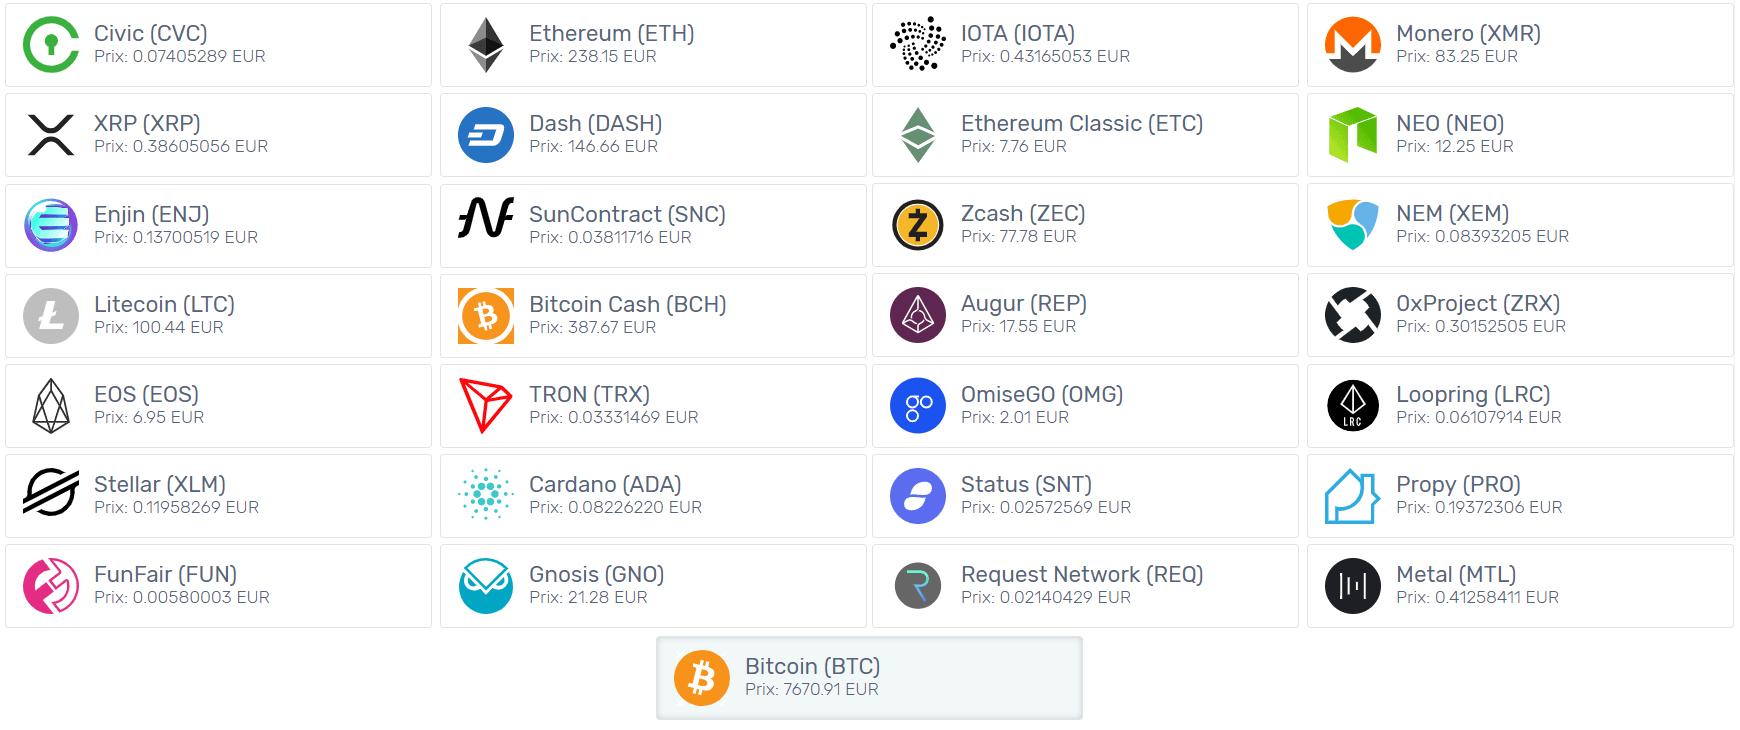 Voici les cryptomonnaies disponibles sur Kriptomat.